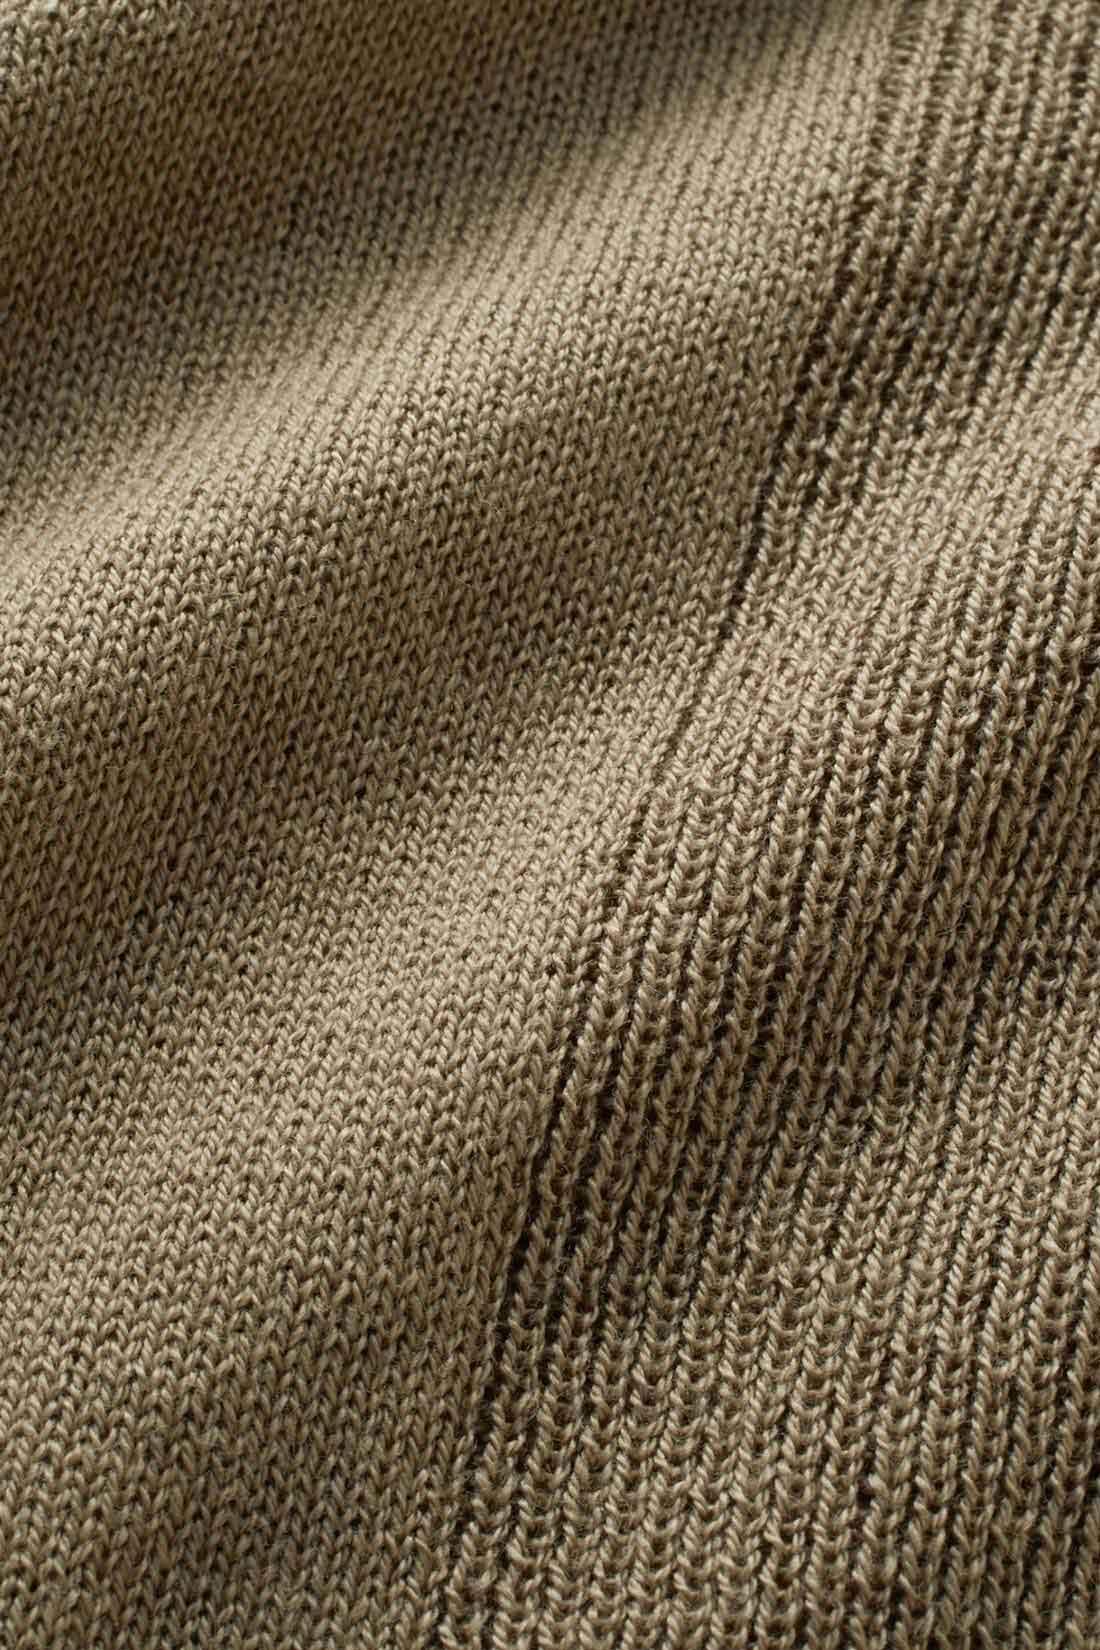 編み地の縦切り替えが細見えのポイント わきの編み地を変えることでメリハリある仕上がりに。やや長めの丈と相まって縦長感アップ。